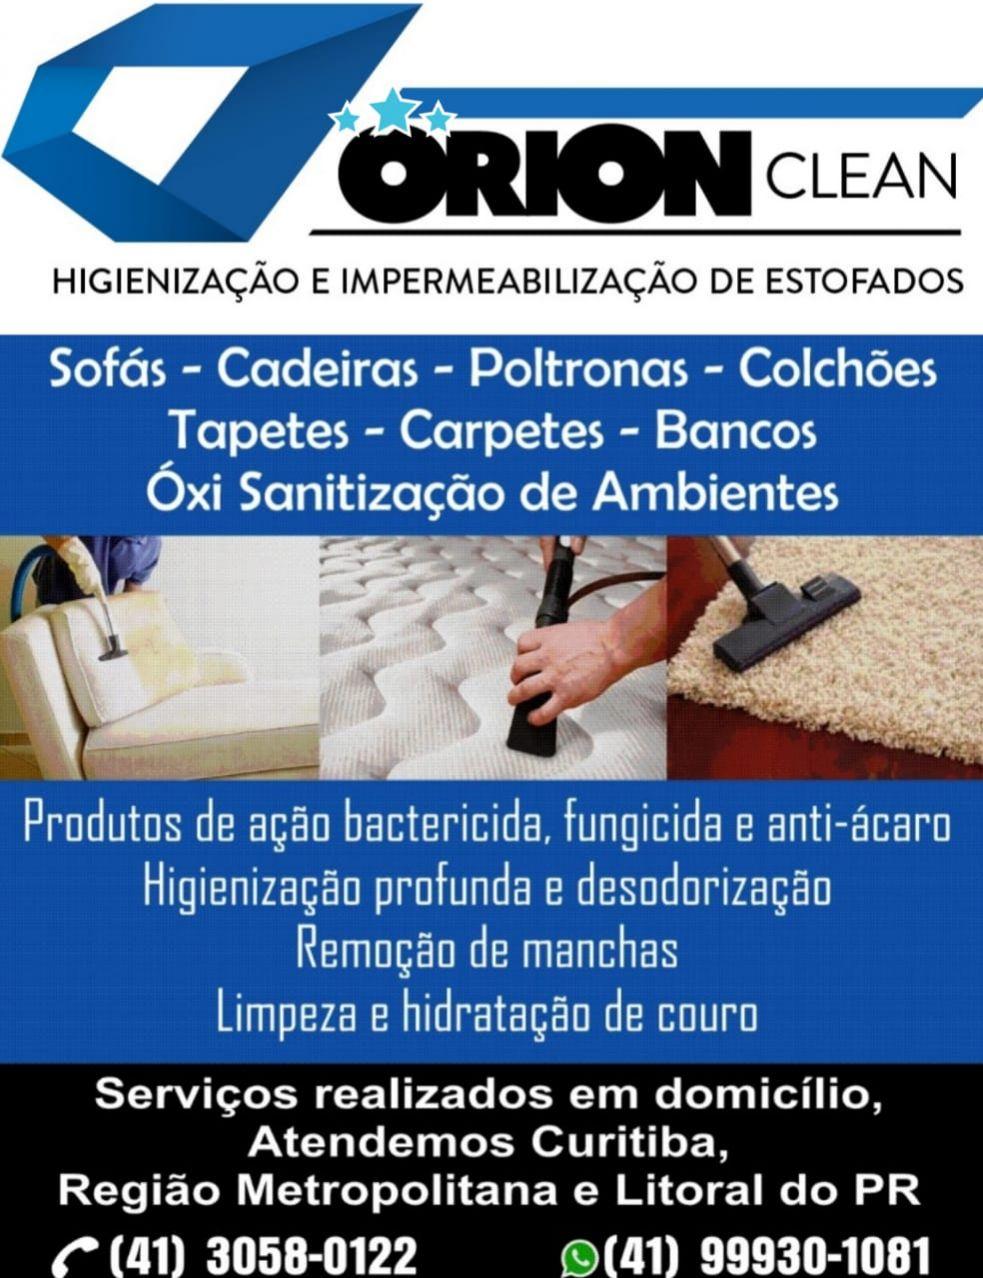 Orion clean,higienização de estofados em curitiba